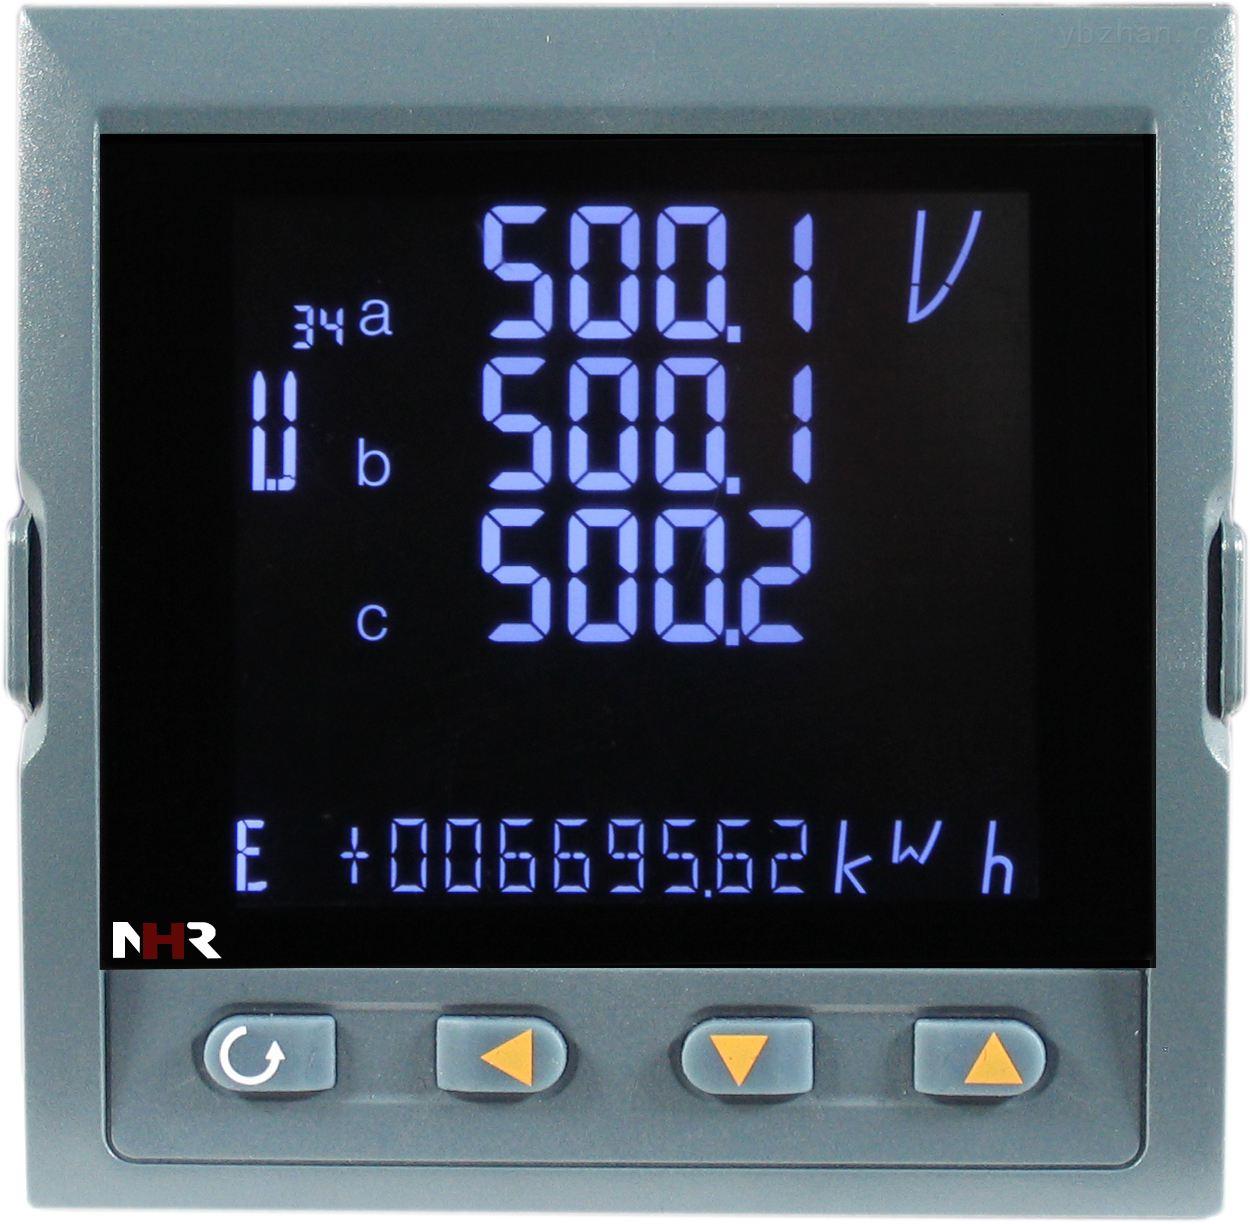 虹润系列液晶综合电量集中显示仪